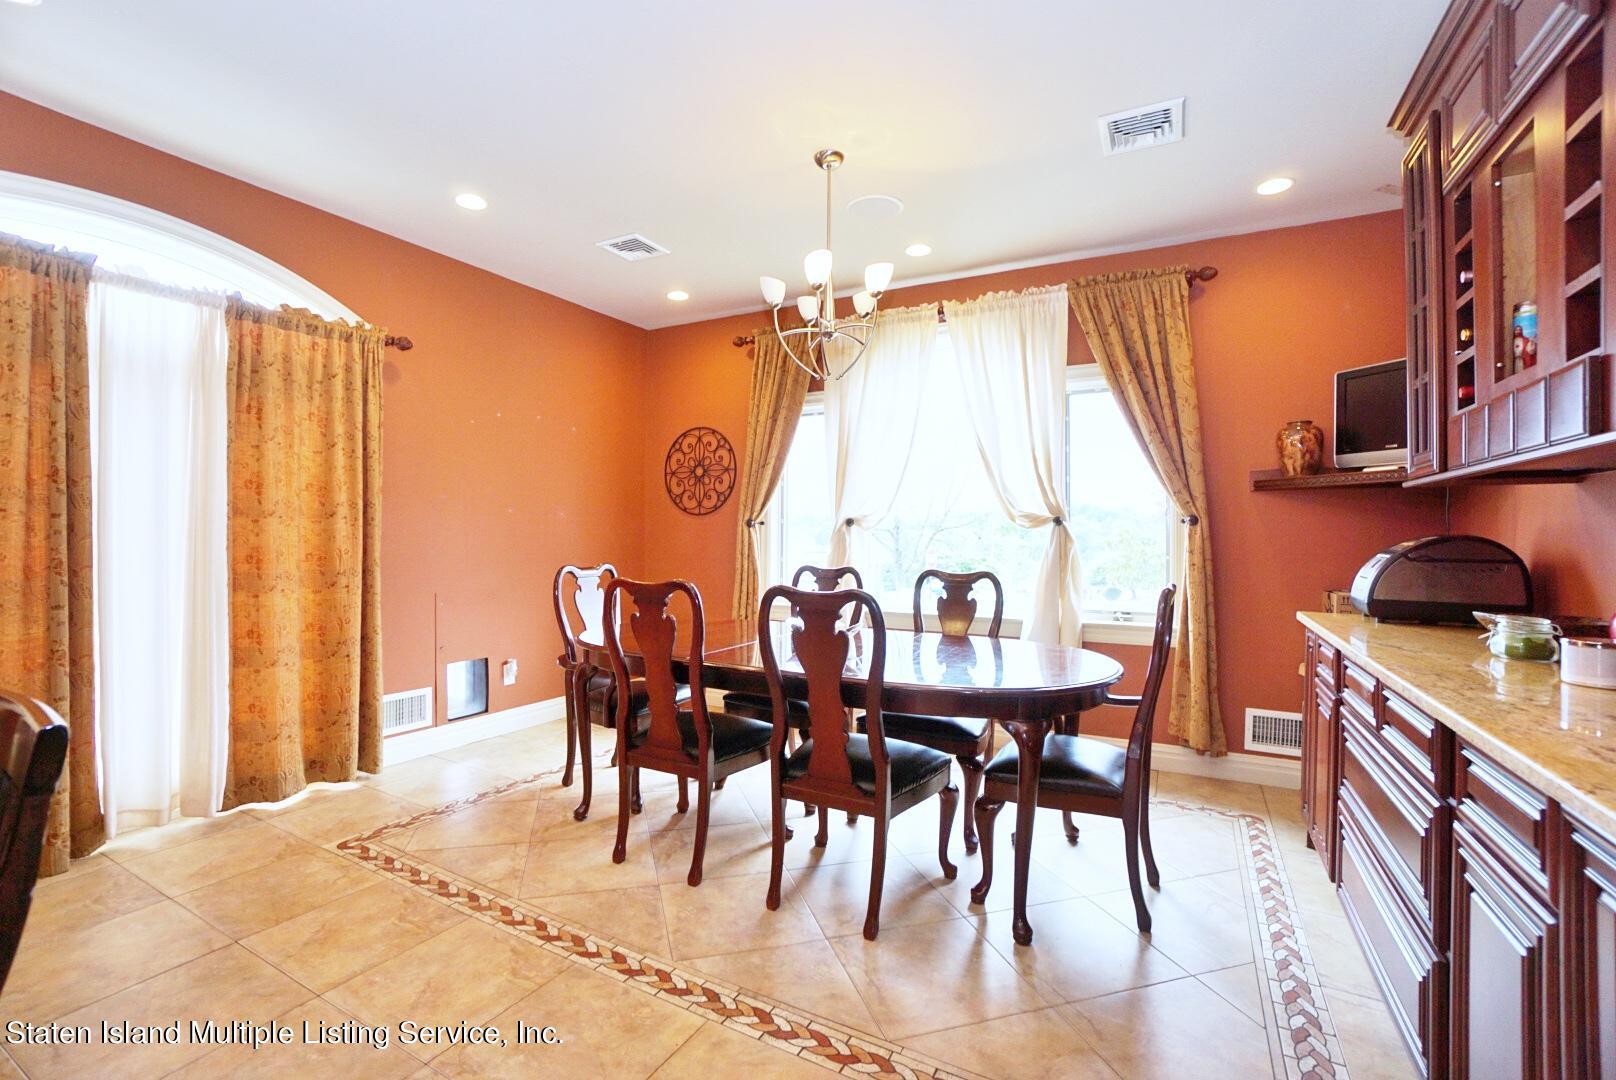 Single Family - Detached 206 Ramapo Avenue  Staten Island, NY 10309, MLS-1147193-10